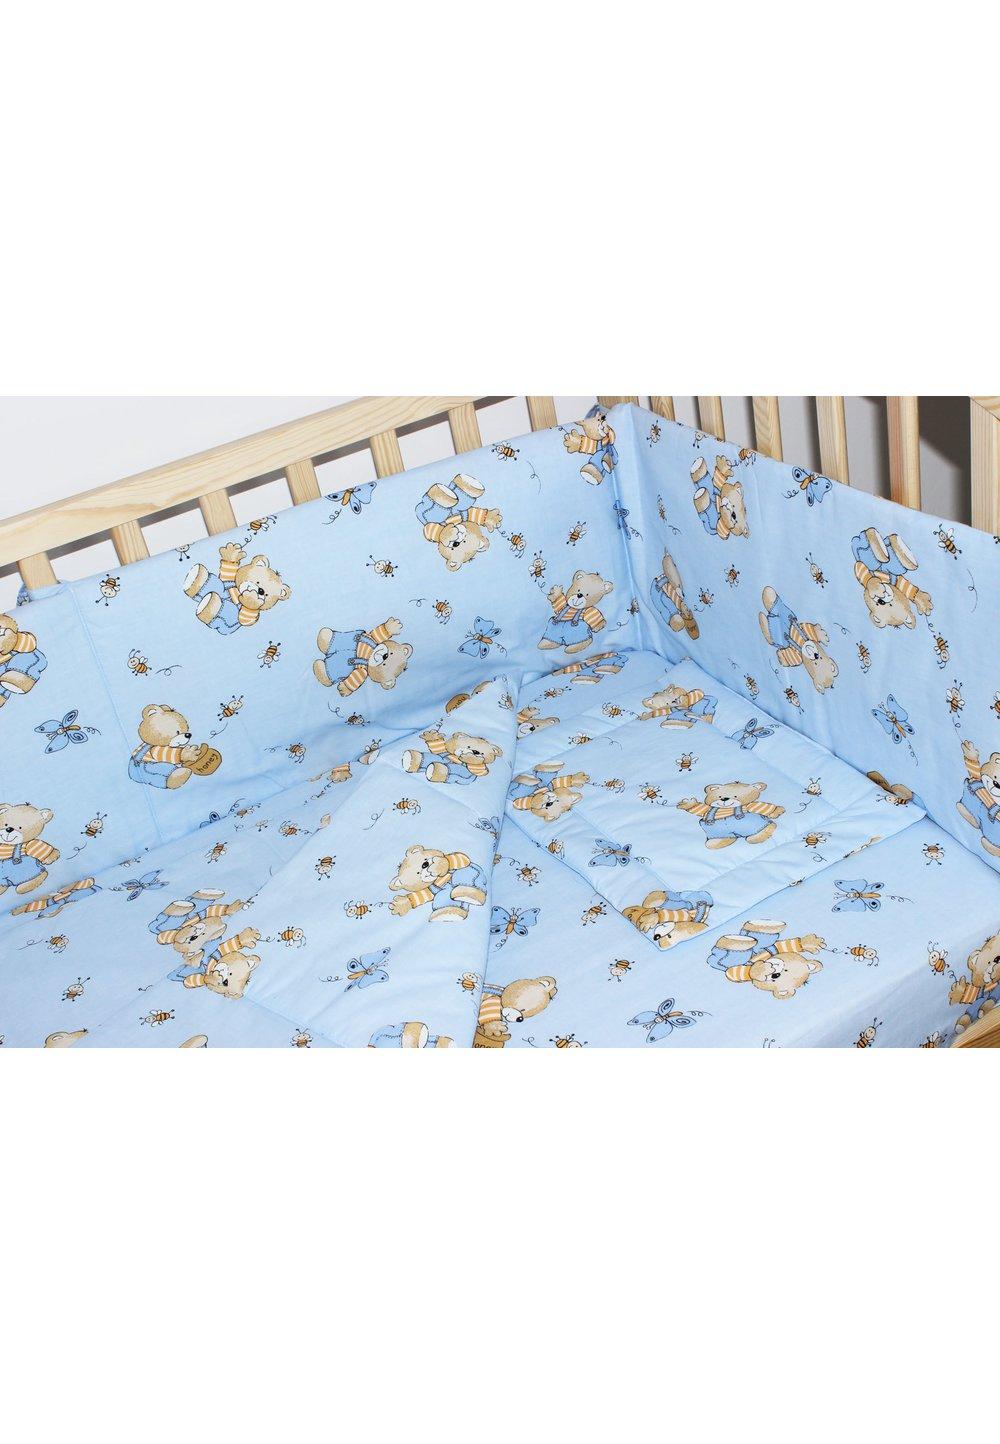 Lenjerie ursulet cu albinute albastre,5 piese 120x60 cm imagine